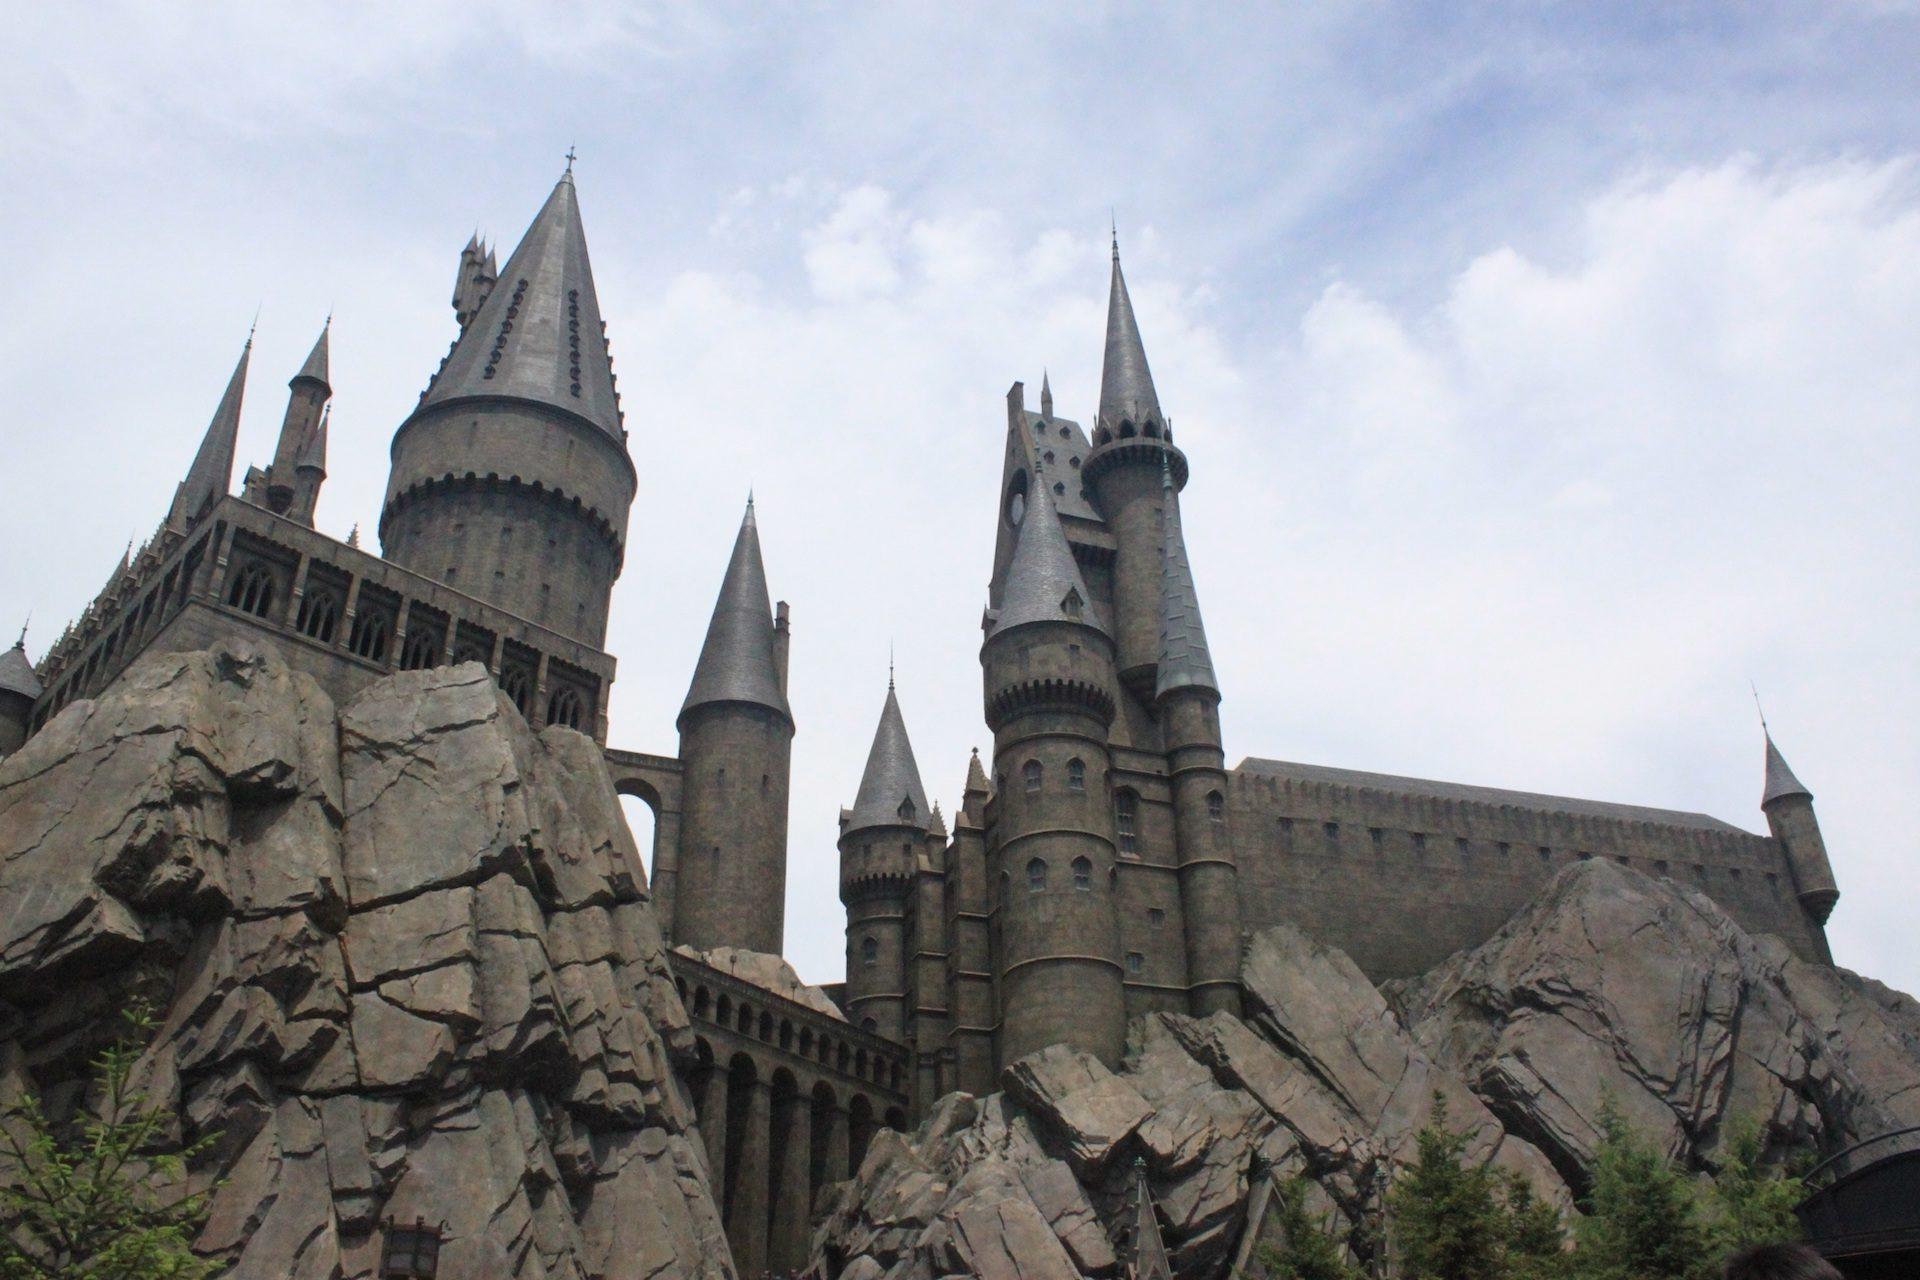 castillo, القلعة, الأحجار, الهندسة المعمارية, غامضة, هوجورتس, هاري بوتر - خلفيات عالية الدقة - أستاذ falken.com